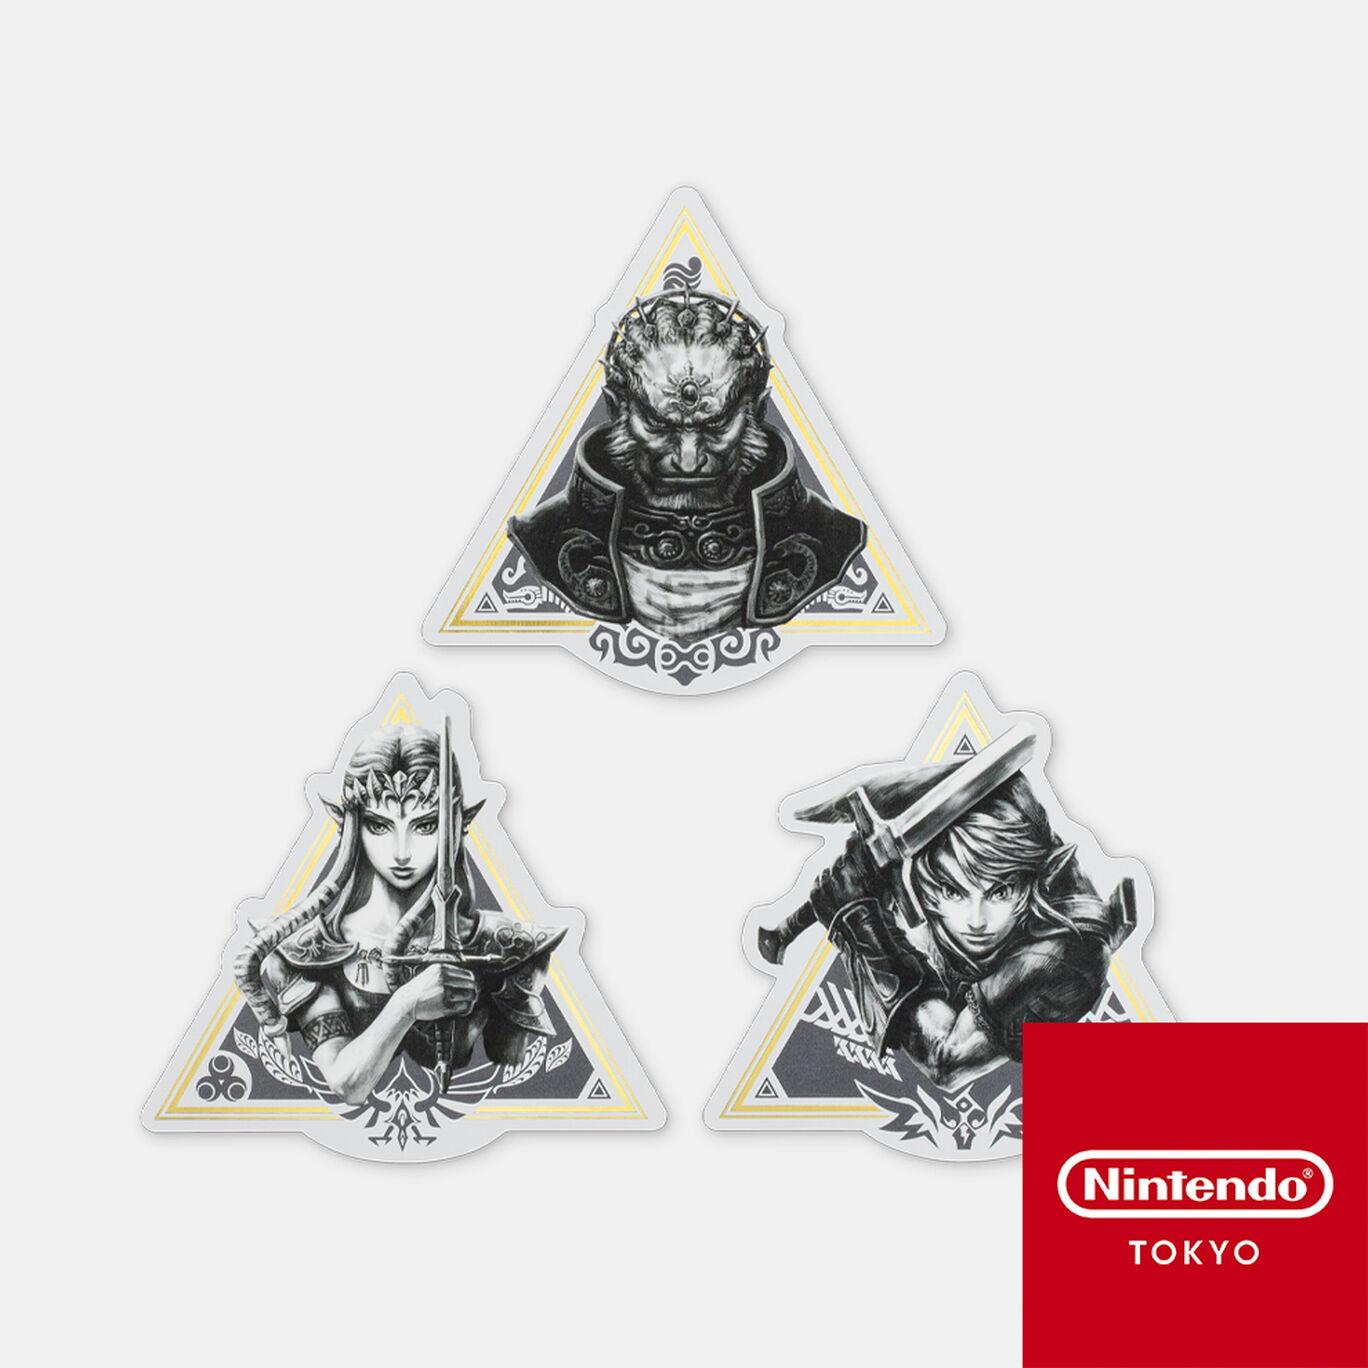 【新商品】ステッカーセット トライフォース ゼルダの伝説【Nintendo TOKYO取り扱い商品】